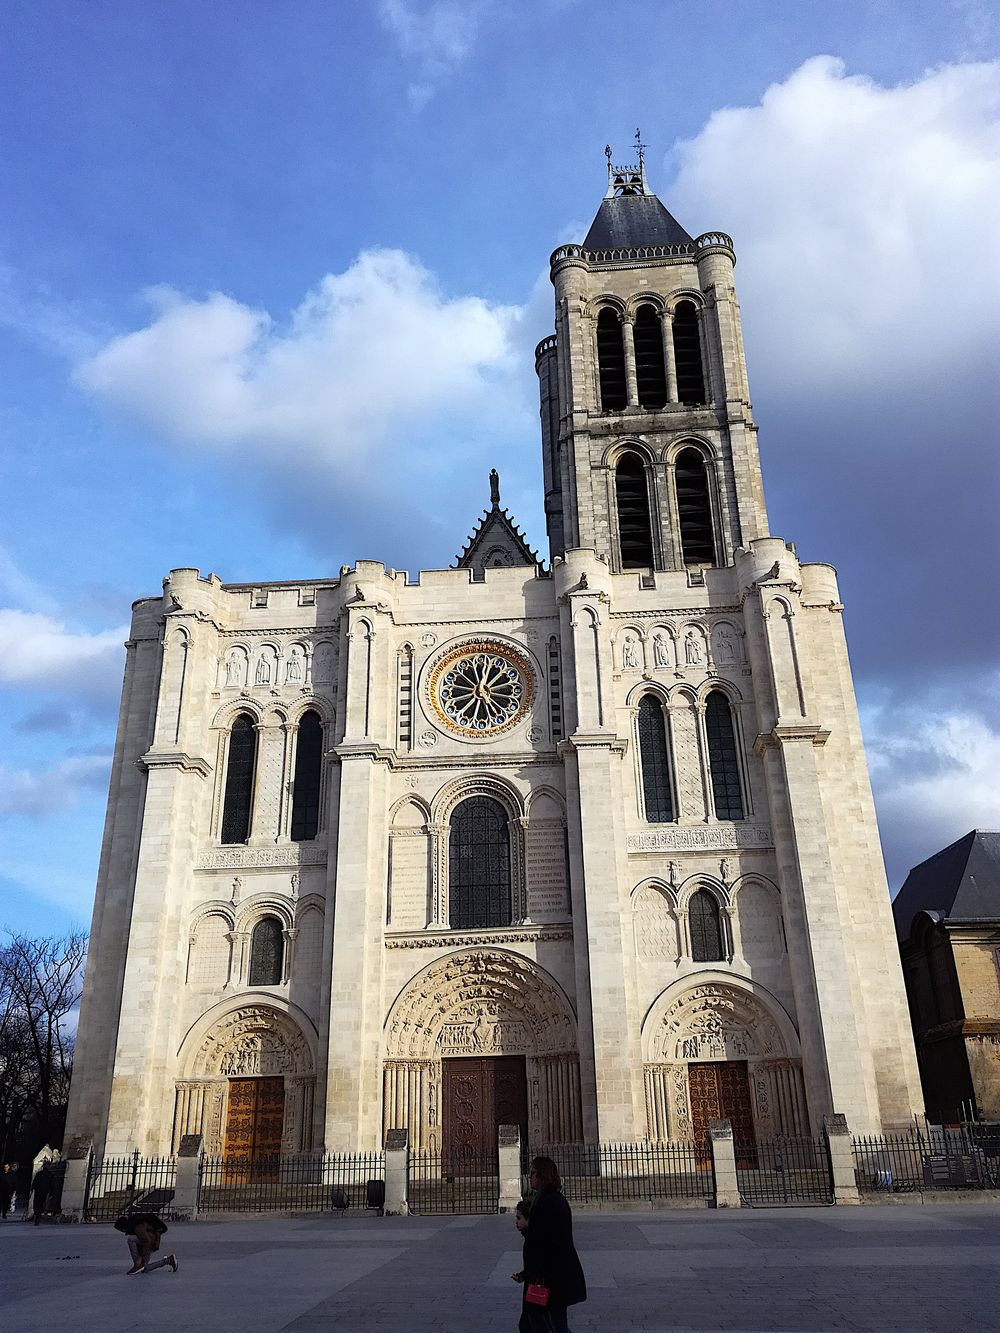 Basilique de Saint-Denis façade, 17h